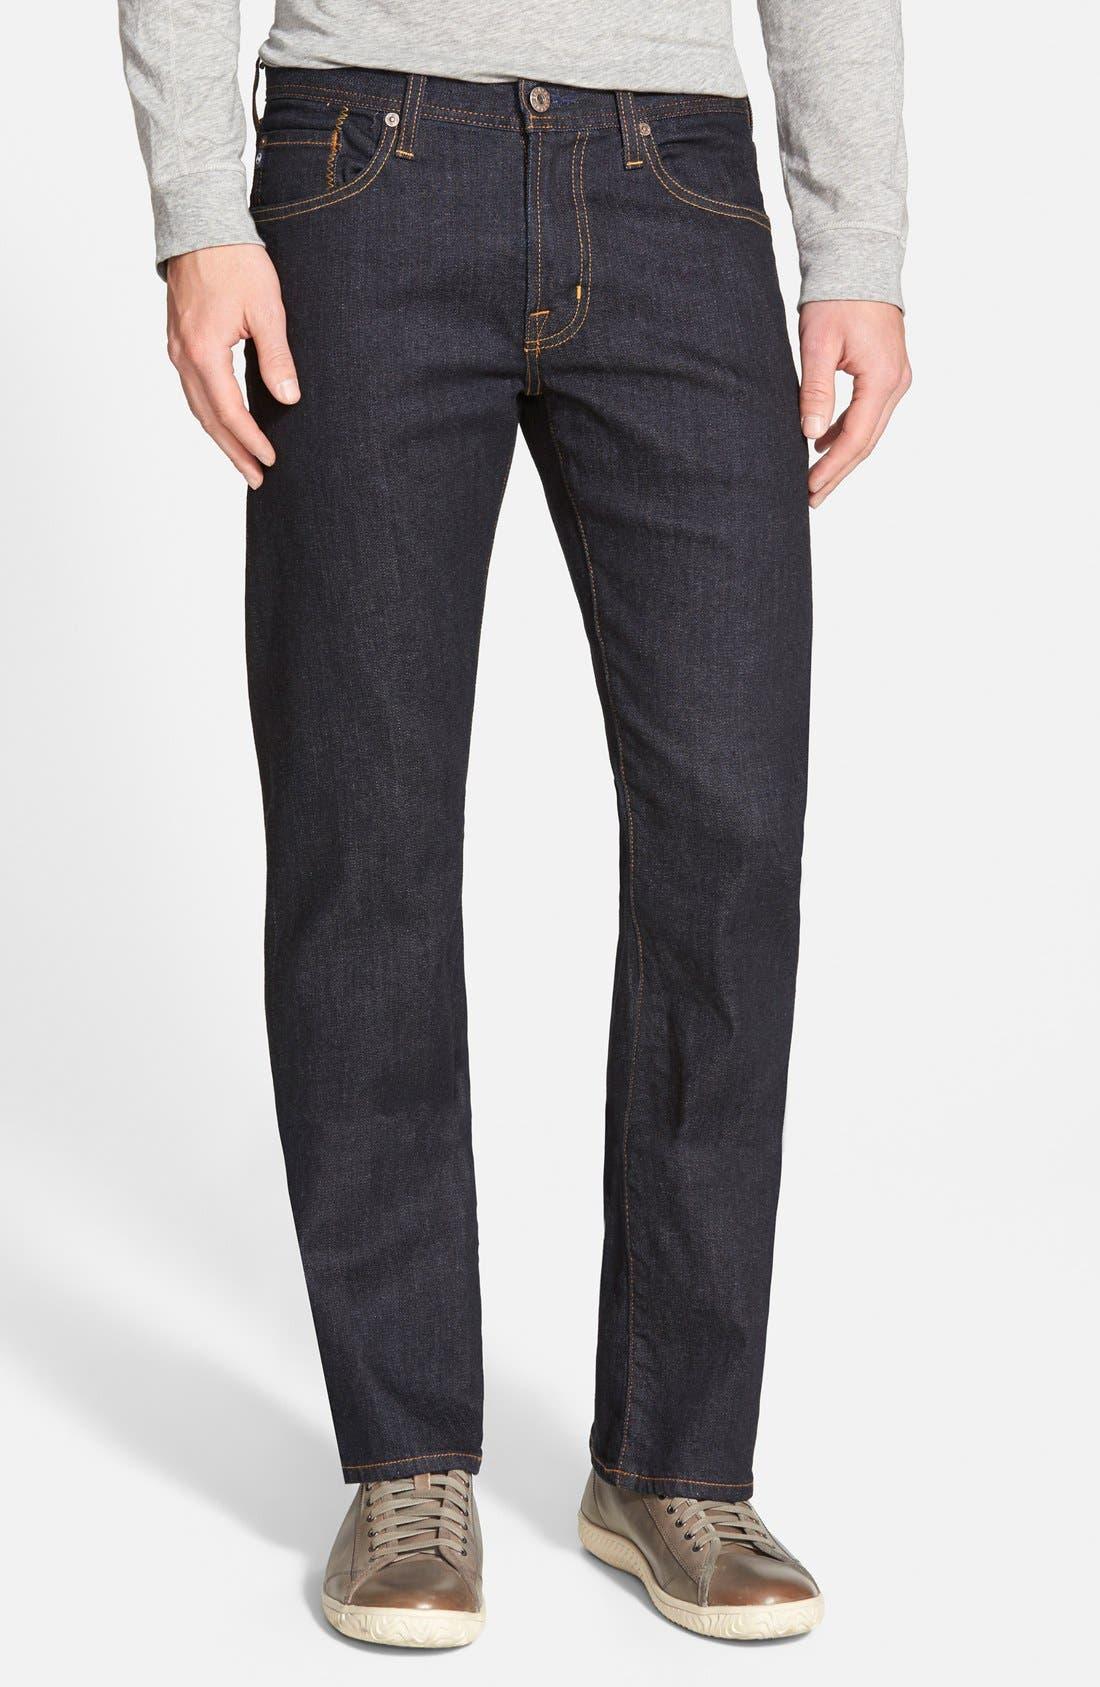 Protégé Straight Leg Jeans,                         Main,                         color, Jack